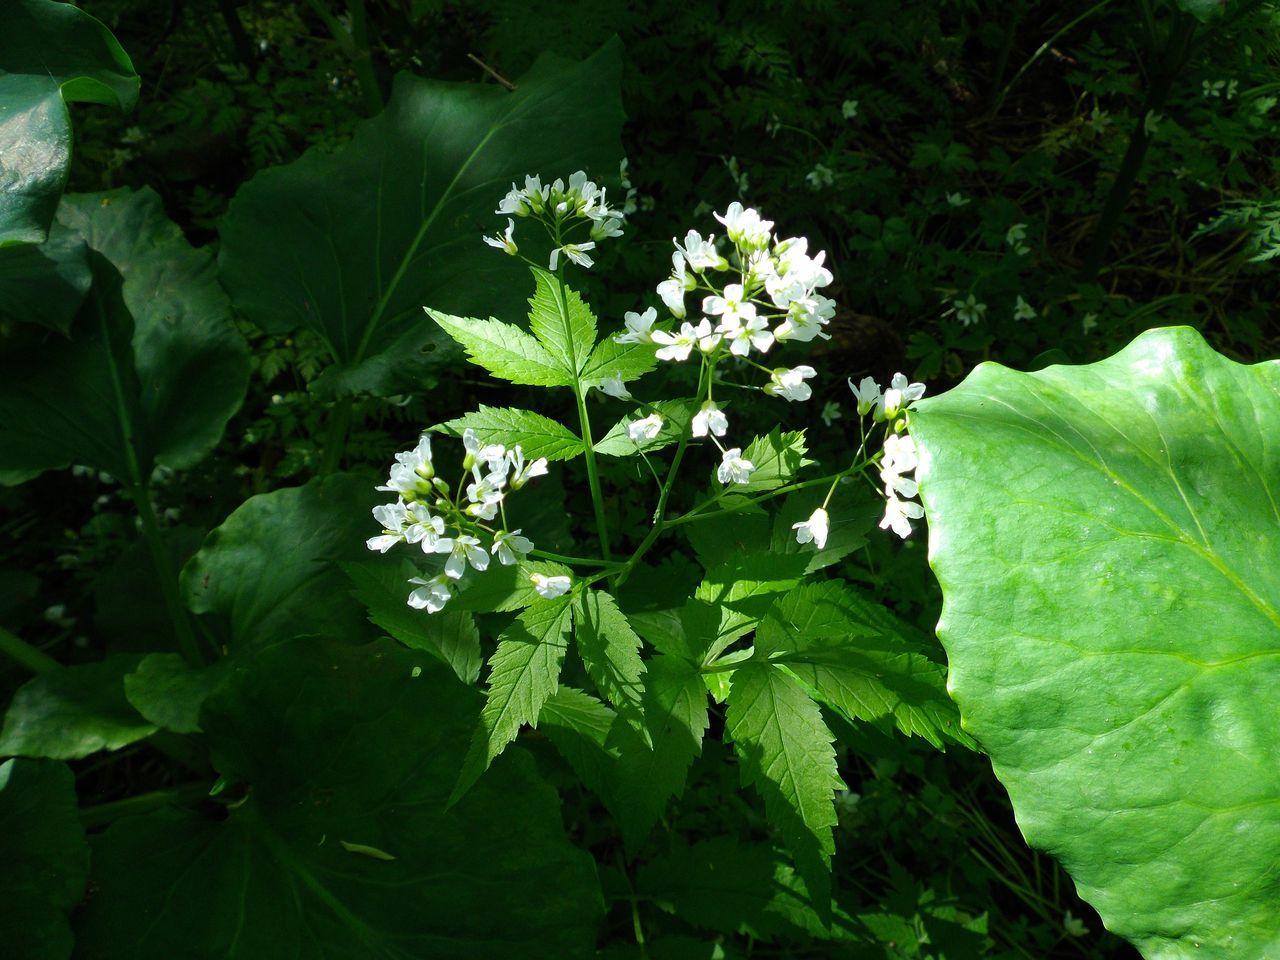 白い花の春_c0025115_19144861.jpg